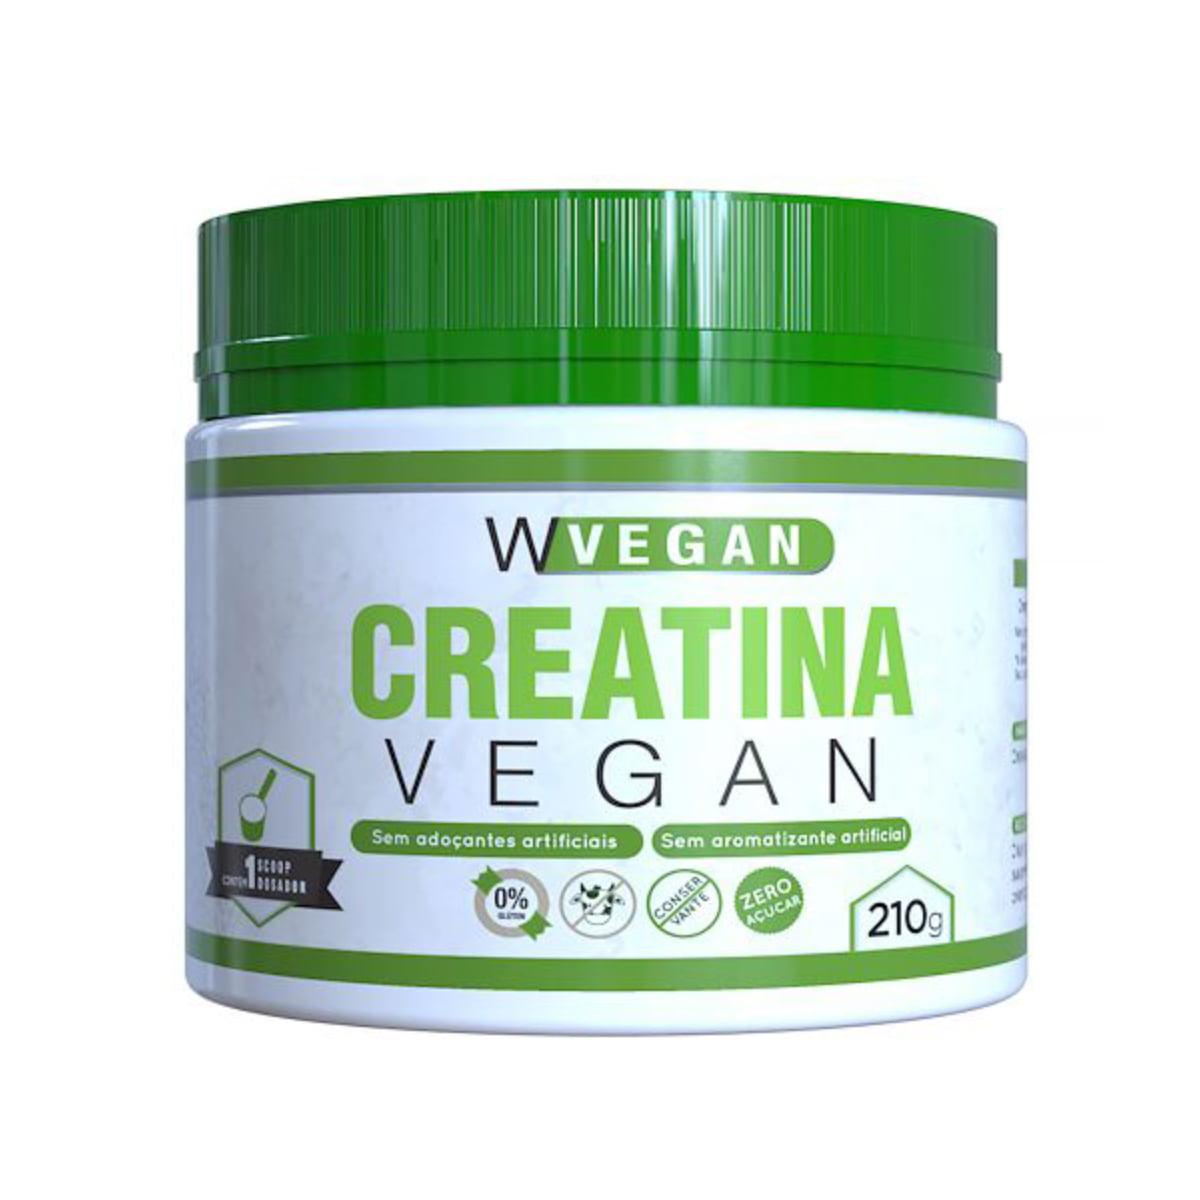 Creatina Vegan 210 gramas Vegetariana